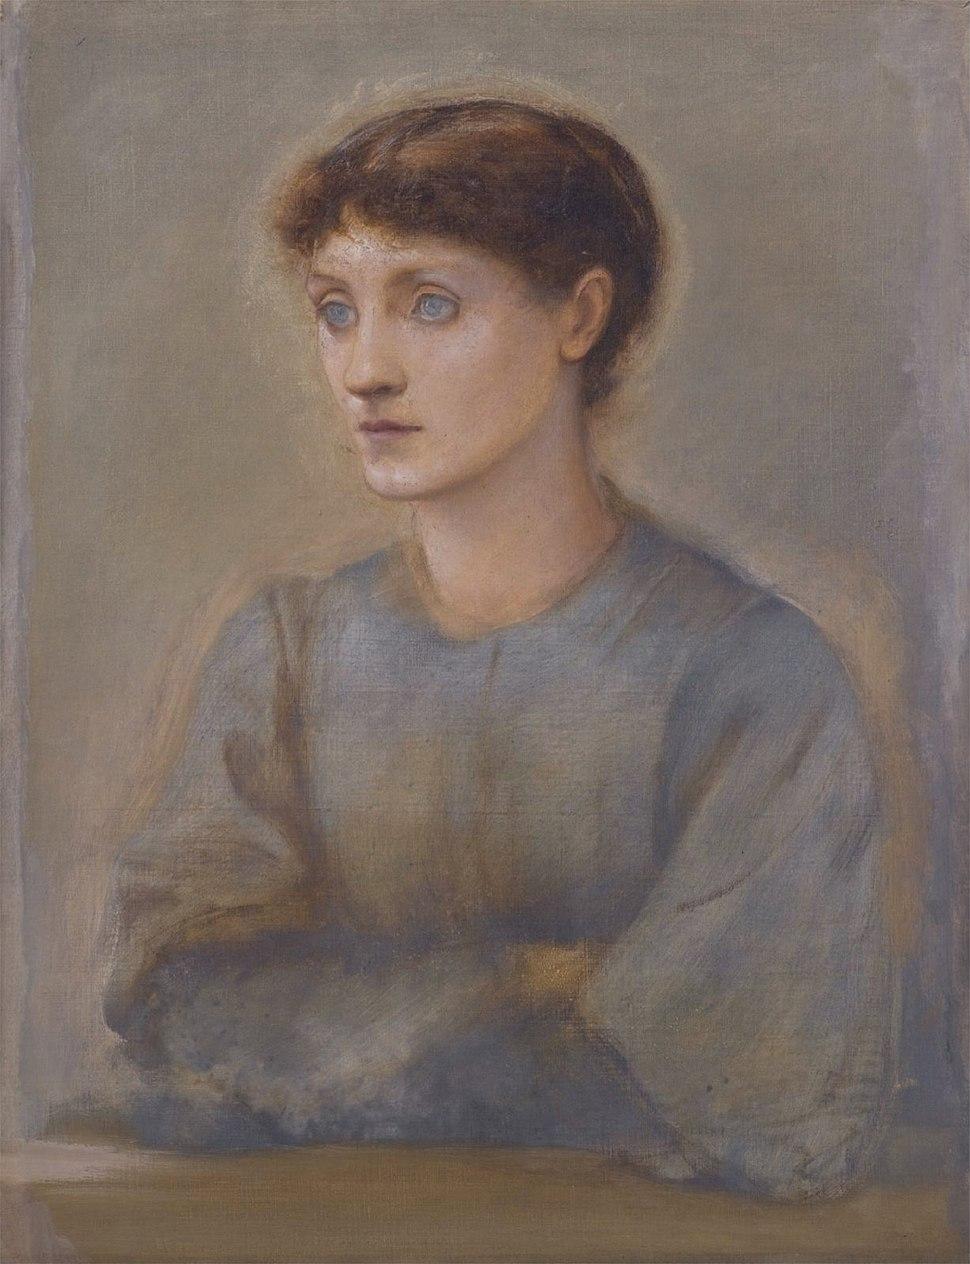 Margaret, daughter of Edward Coley Burne-Jones